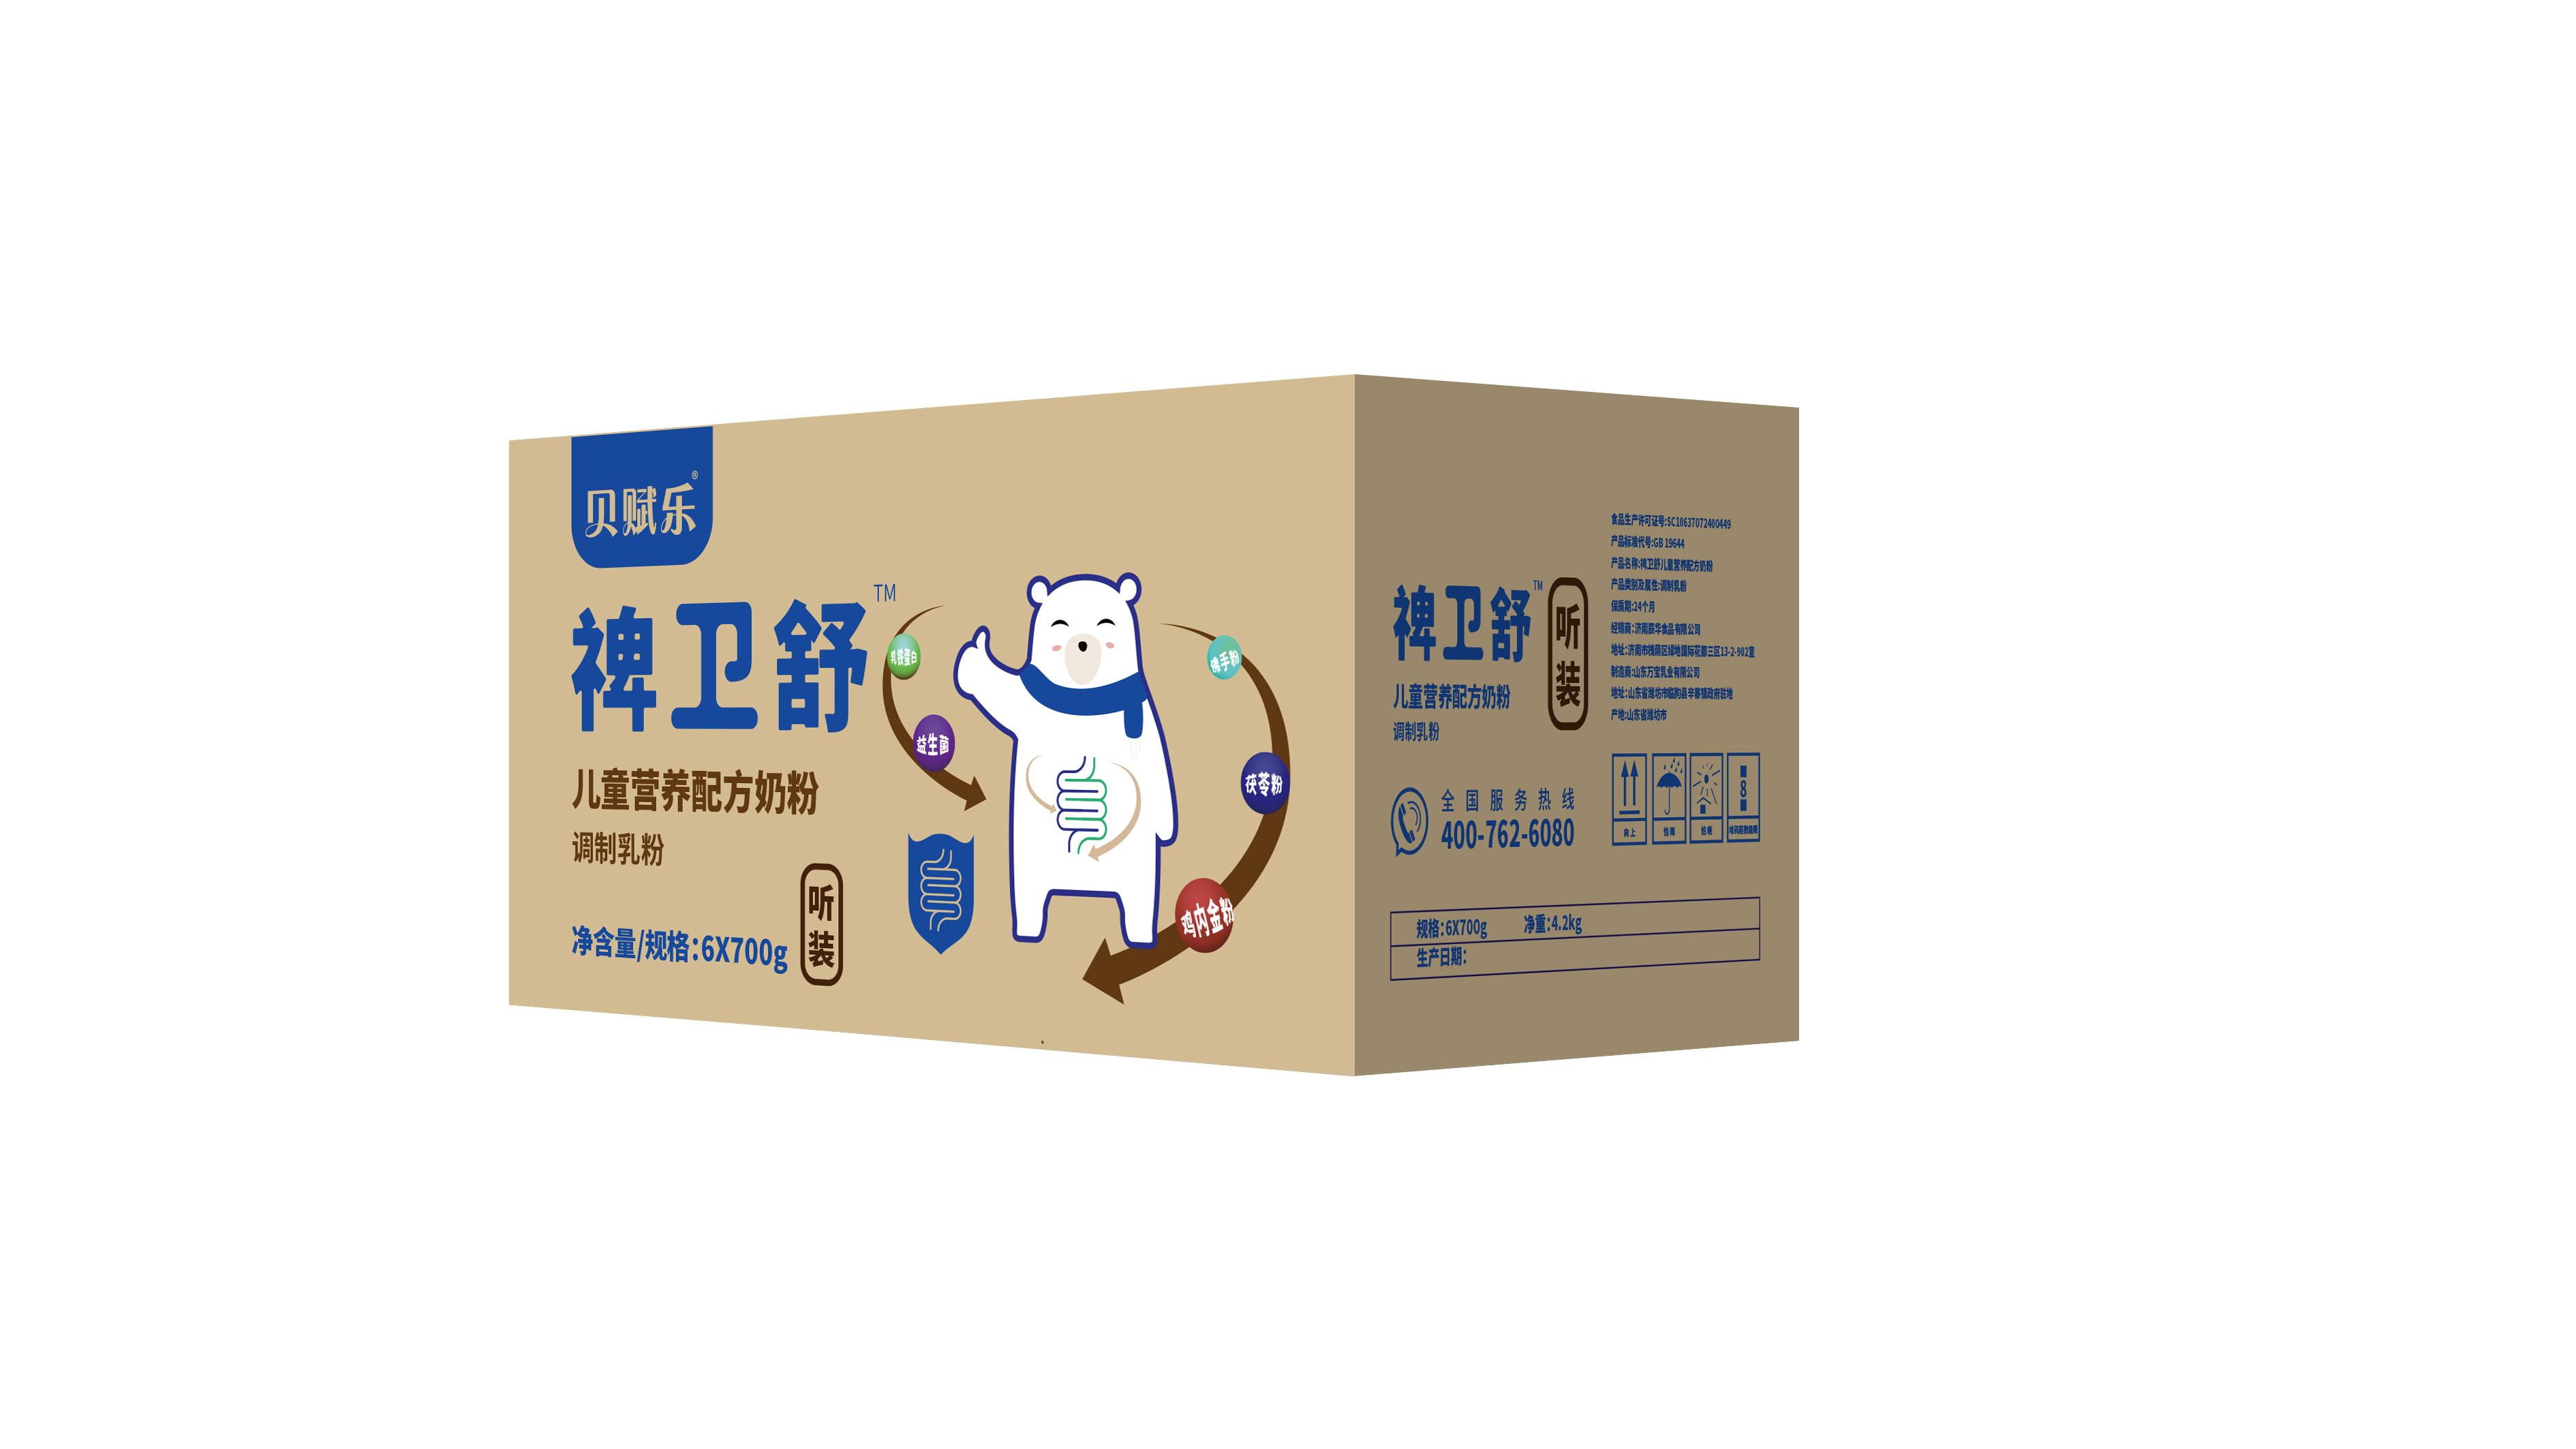 裨卫舒食品品牌包装延展乐天堂fun88备用网站